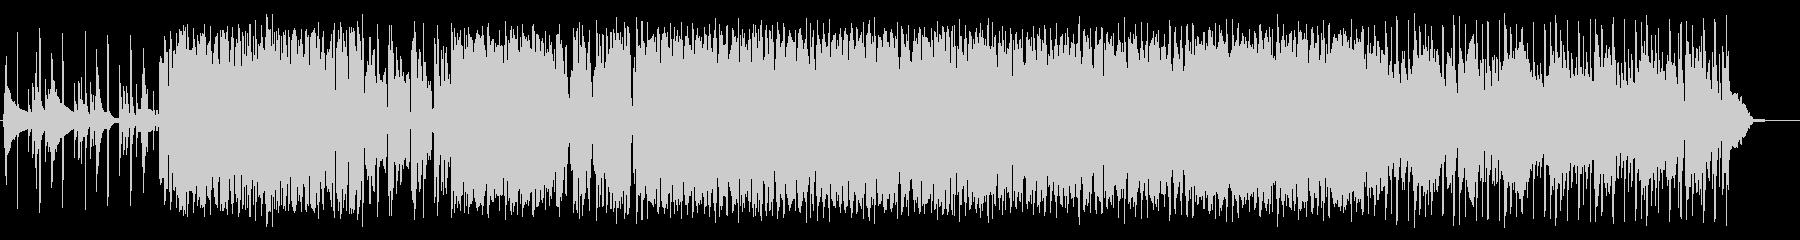 EDMっぽさもあるポップス風BGMの未再生の波形